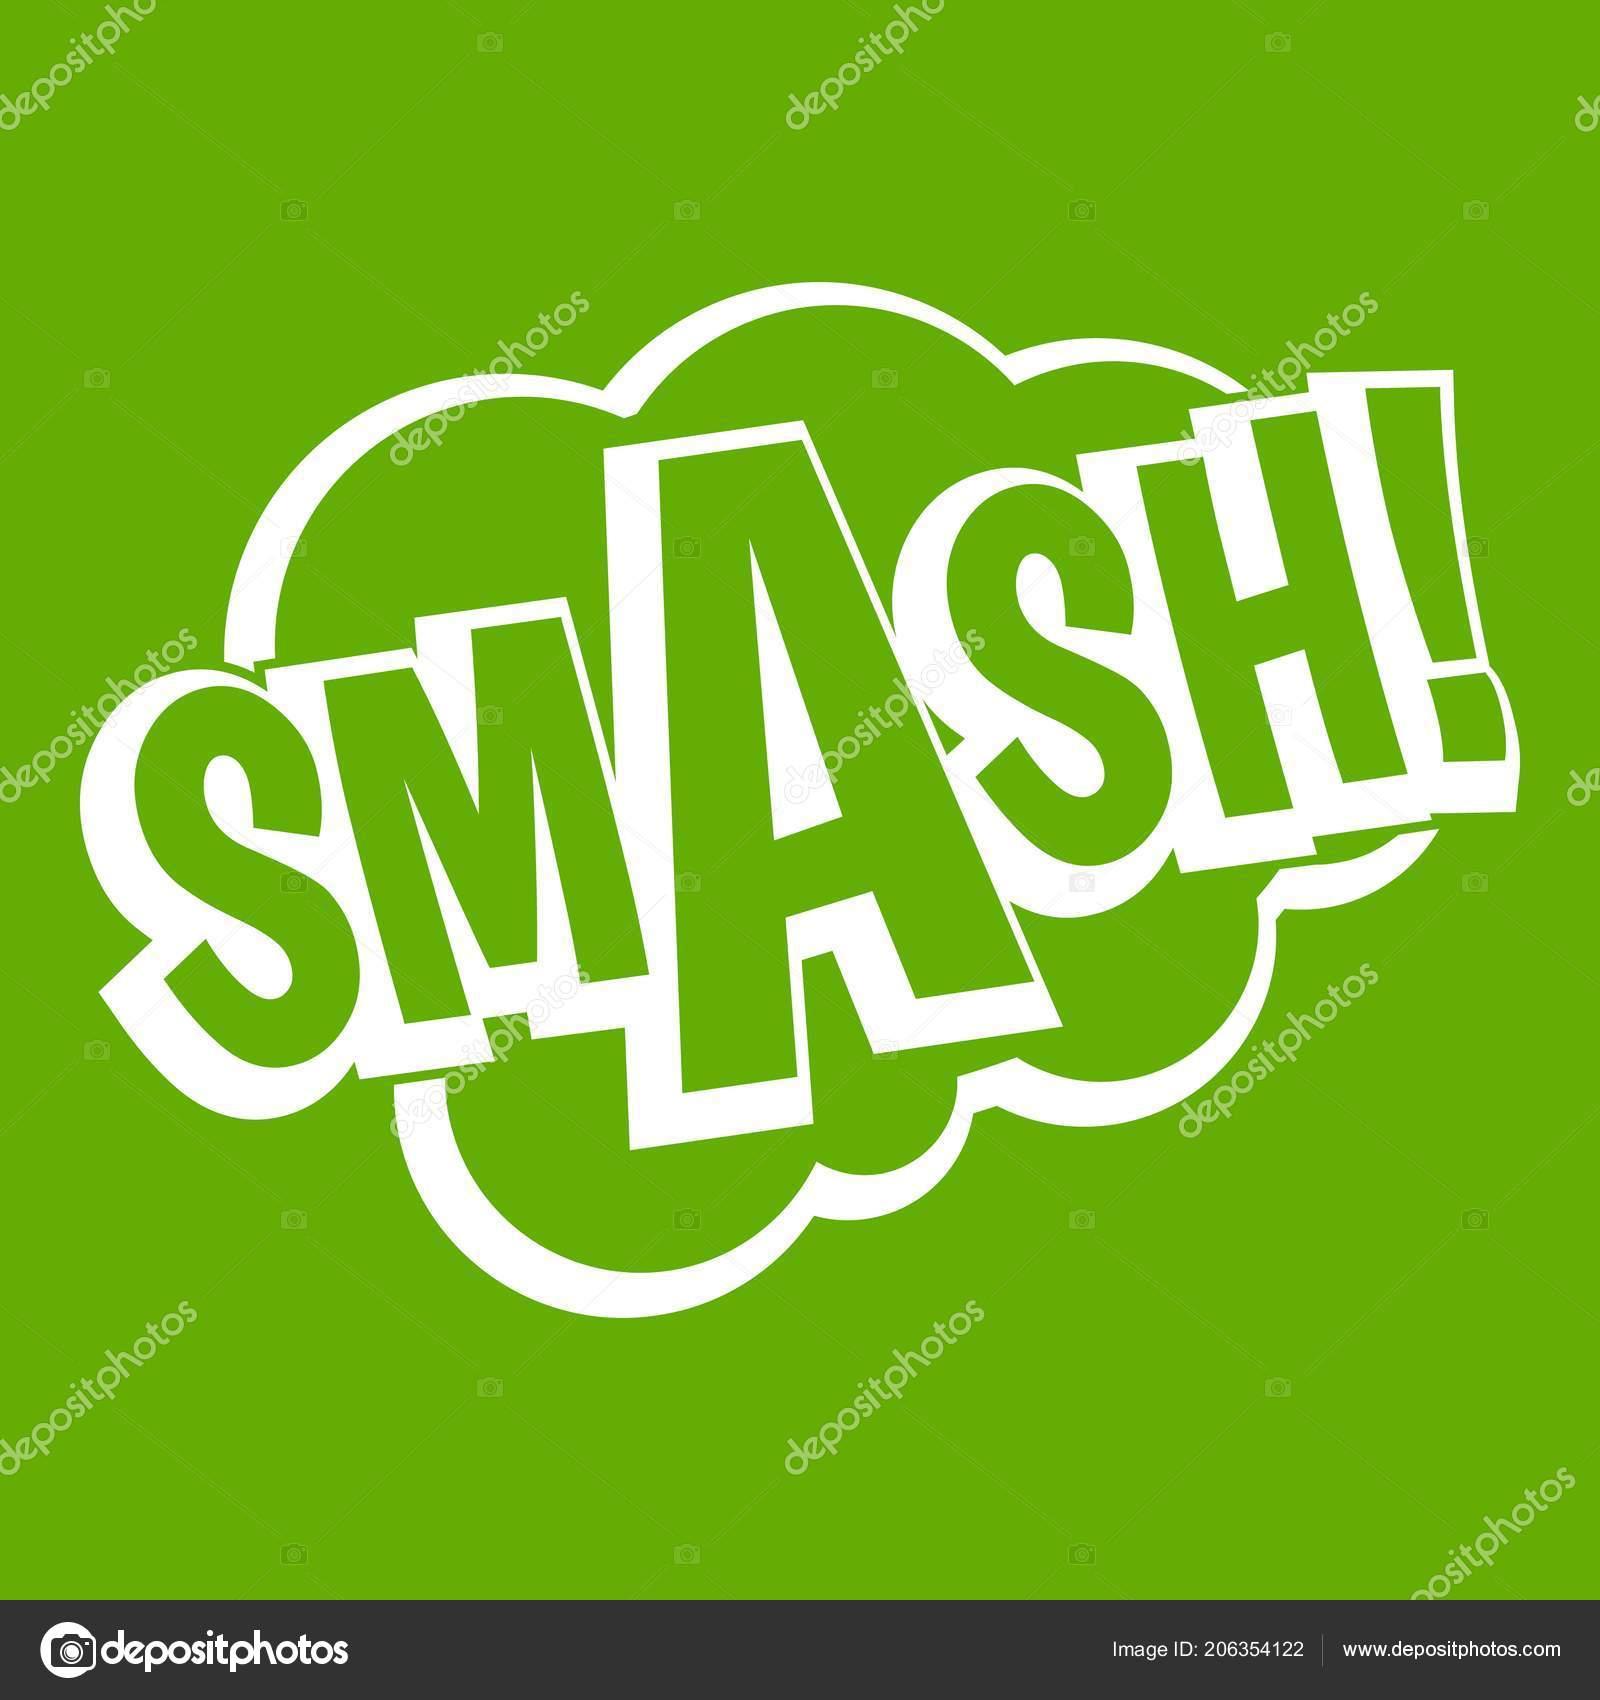 smash comic book bubble text icon green stock vector ylivdesign